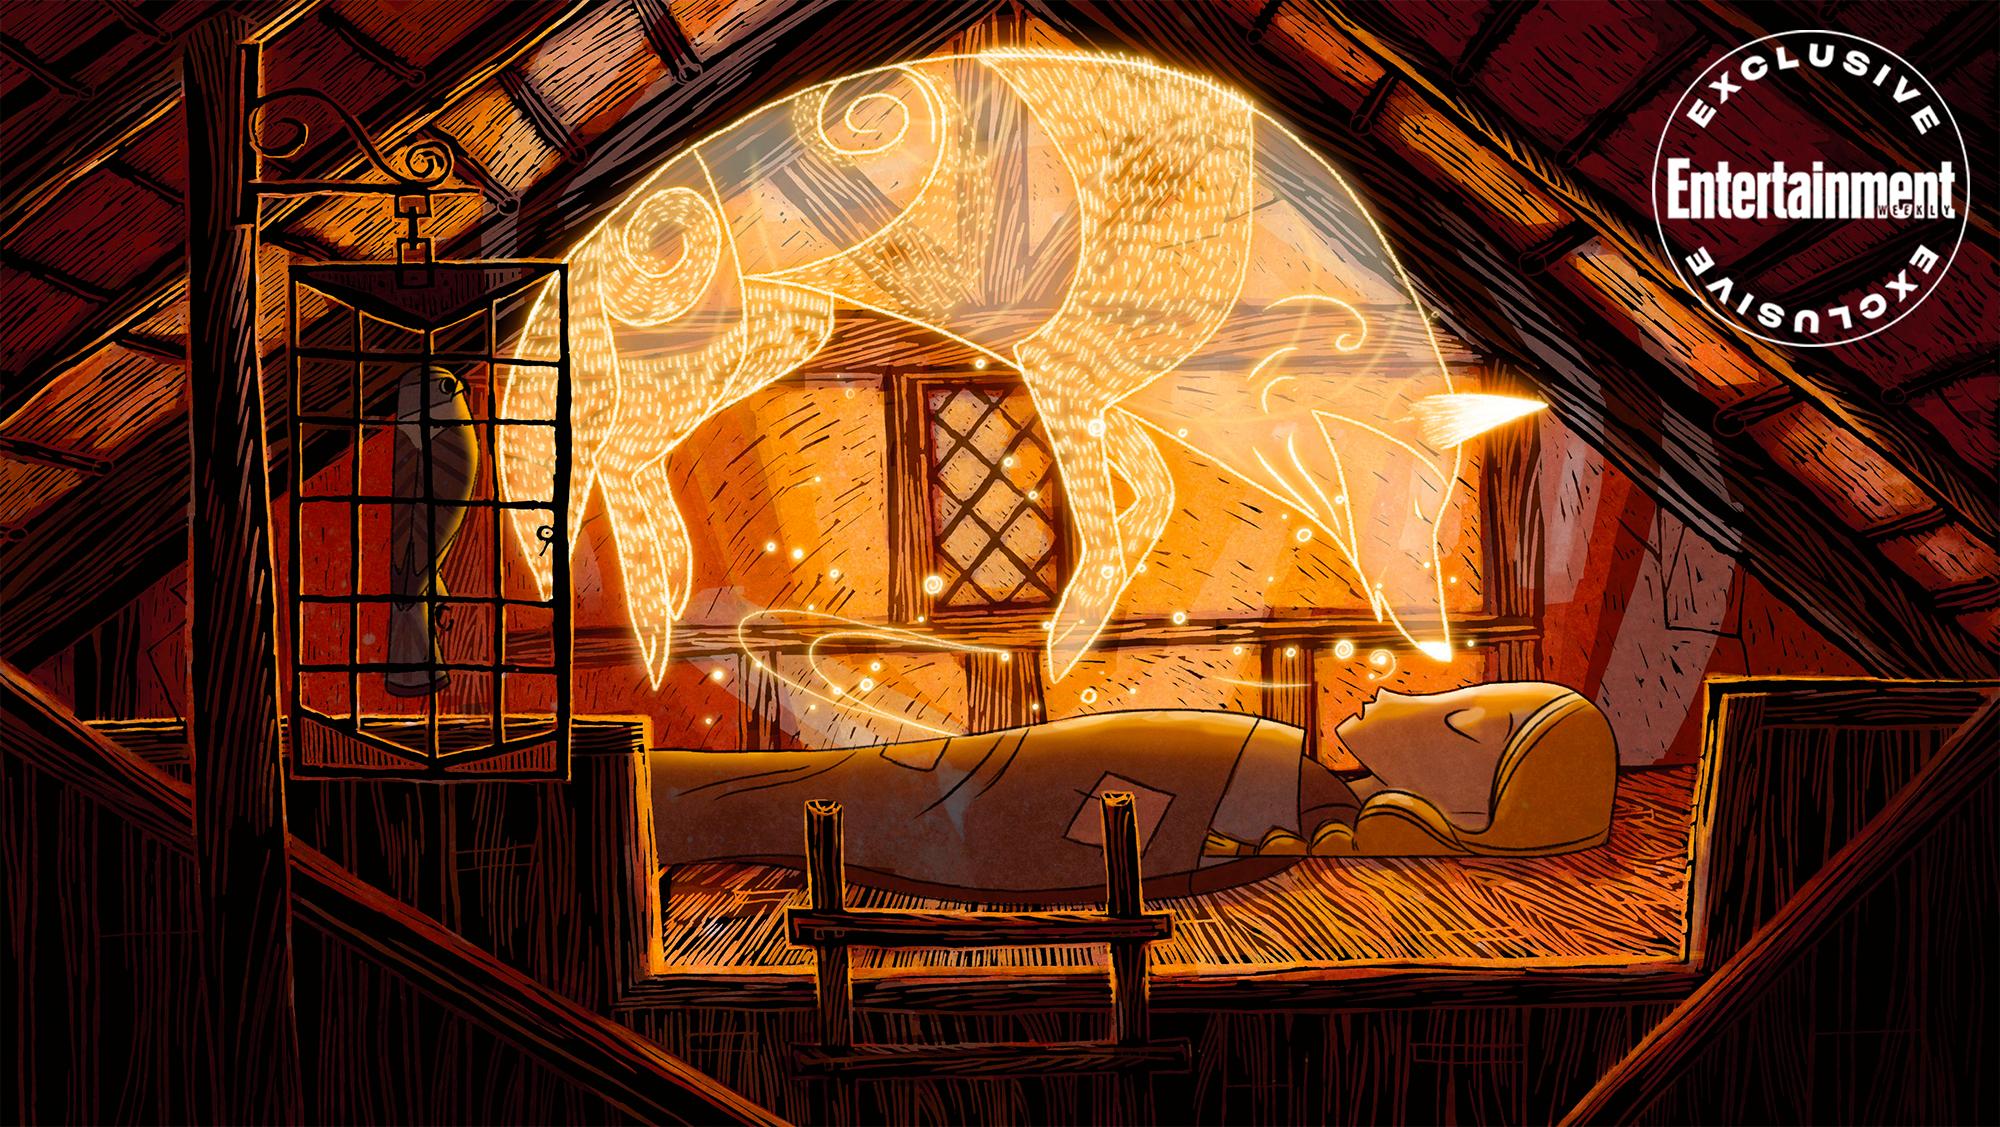 Cena do filme Wolfwalkers. Na imagem, vemos um aposento que aparenta ser o sótão de uma casa de madeira. Deitada no centro, Robyn, uma menina com cabelos loiros presos em uma trança, dorme coberta. Pairando em cima dela, vemos o contorno iluminado de um lobo.